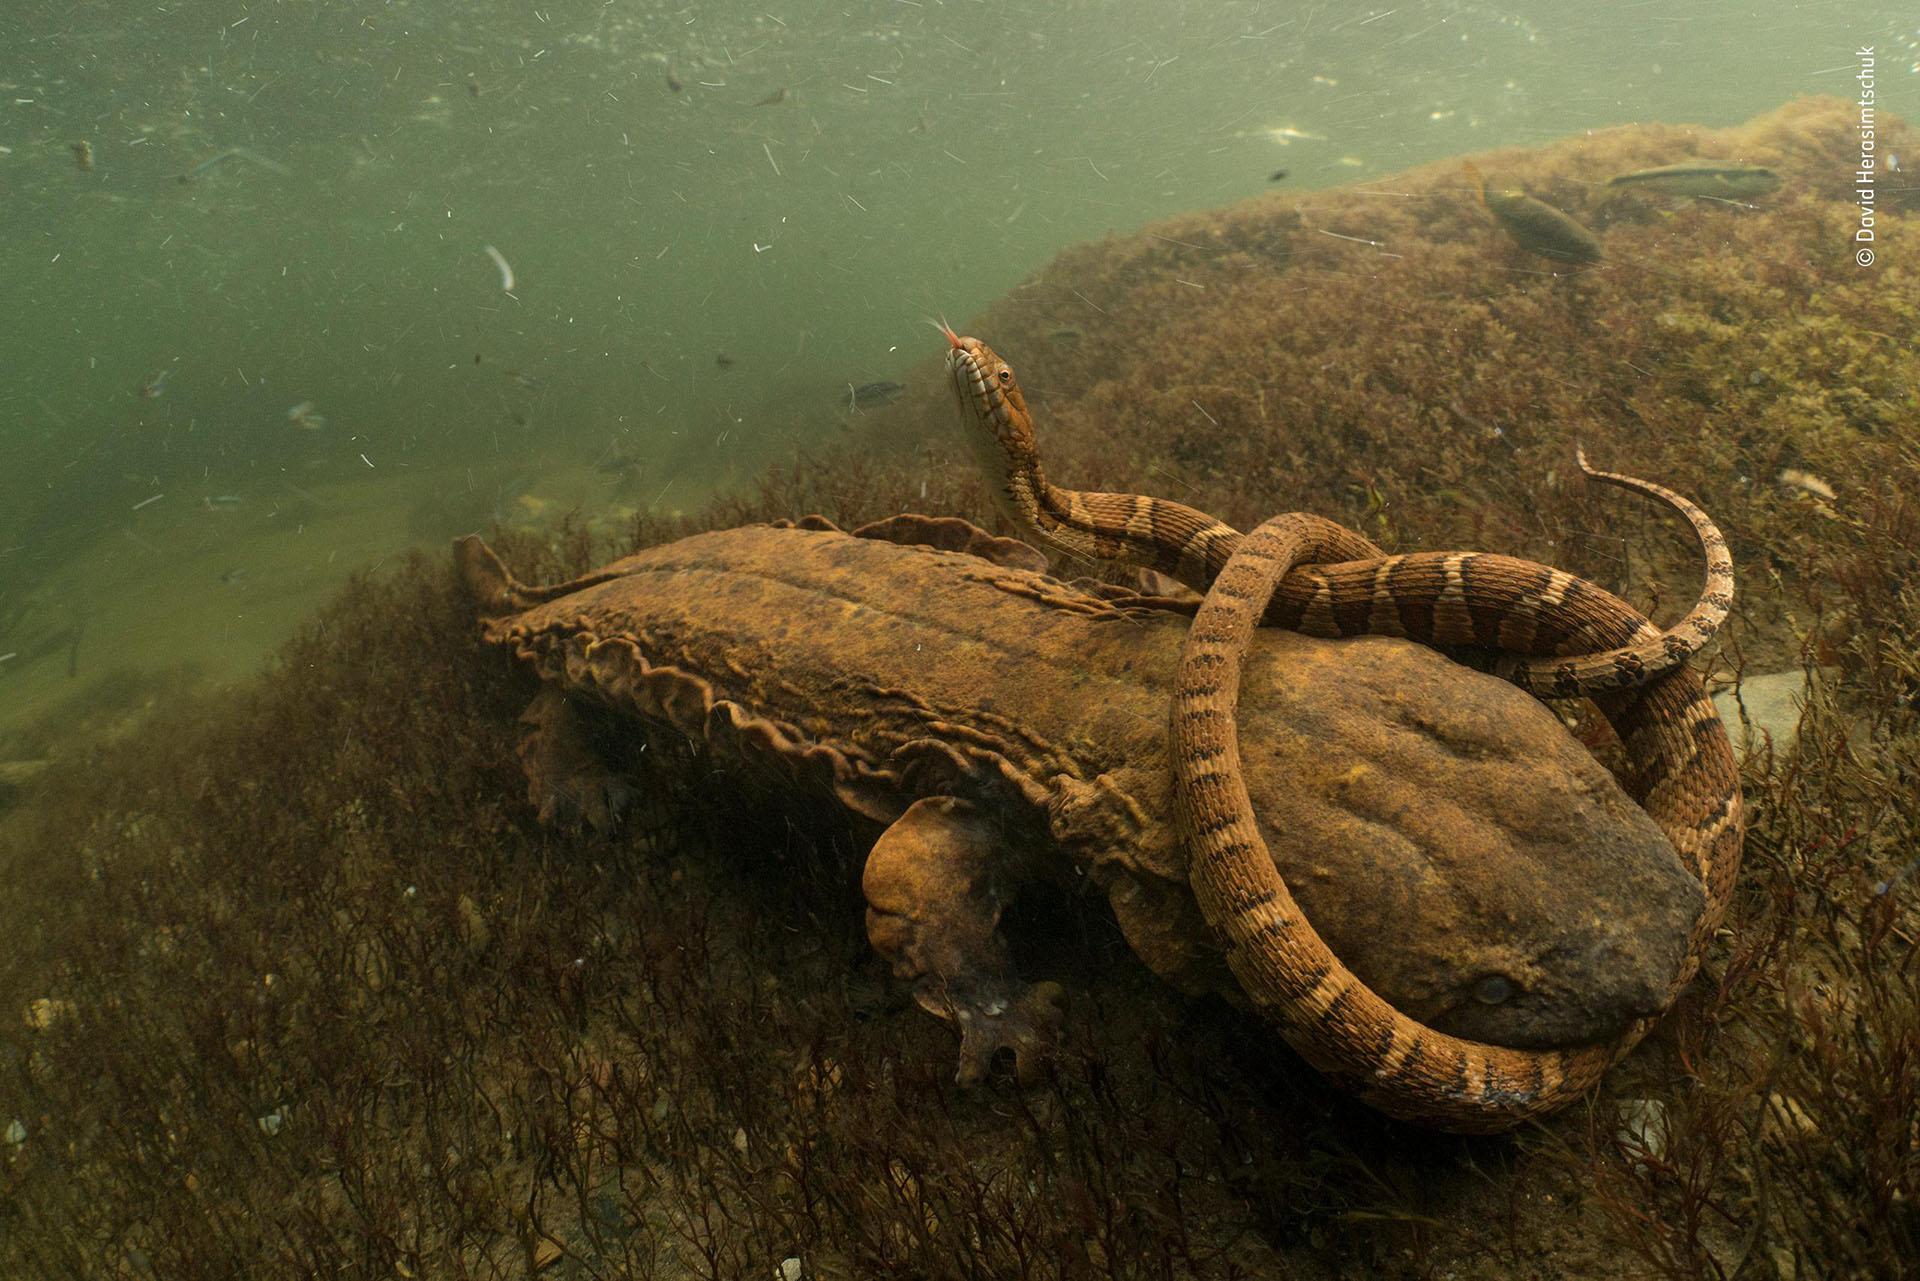 """David Herasimtschuk (EEUU), cateogría Comportamientos de anfibios y reptiles. """"Empeñado"""", una serpiente es mordida por una salamandra americana gigante en un río de Tennessee"""